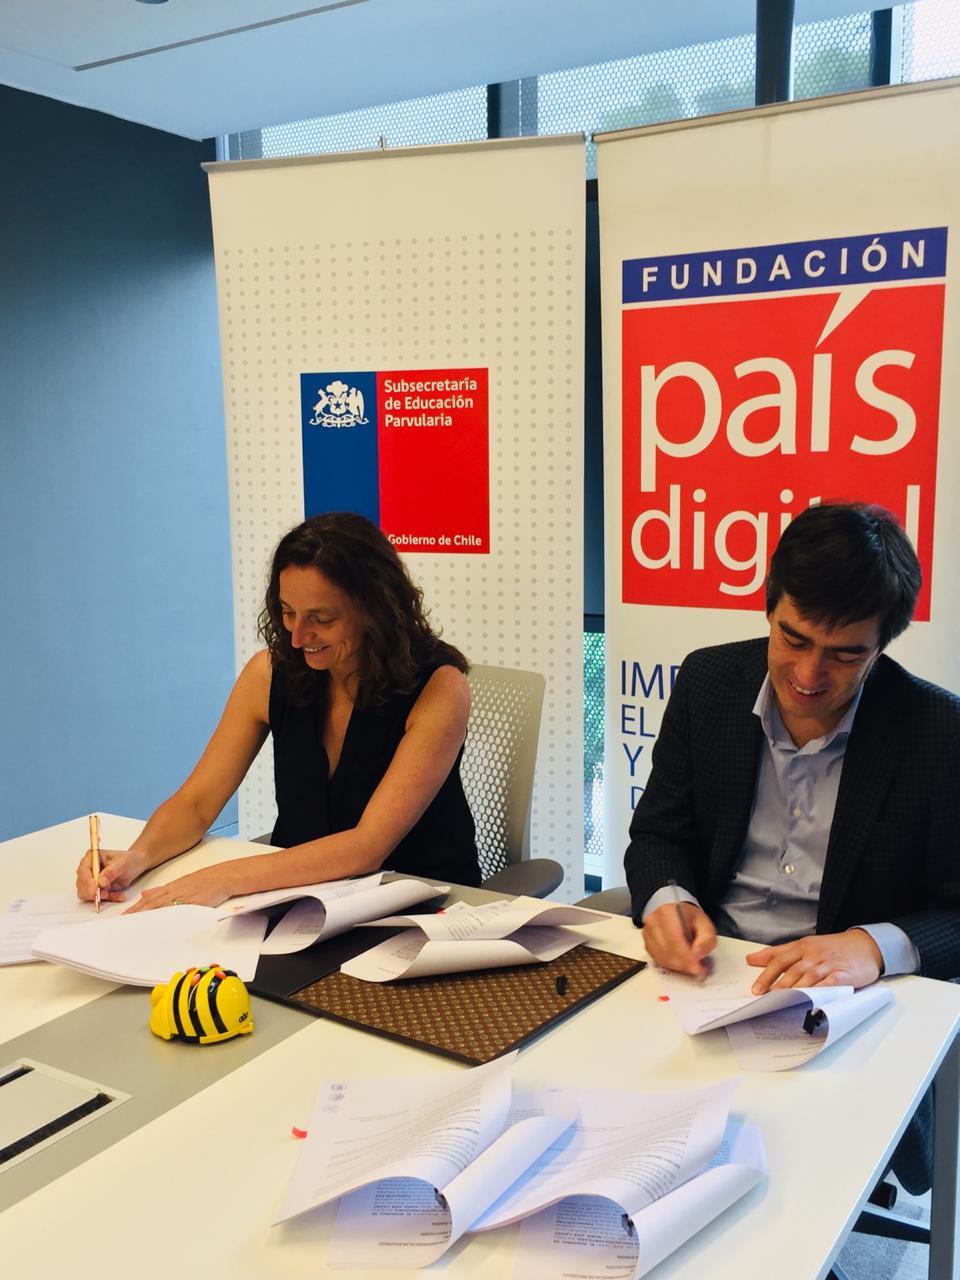 Fundación País Digital y Subsecretaría de Educación Parvularia firman acuerdo de colaboración